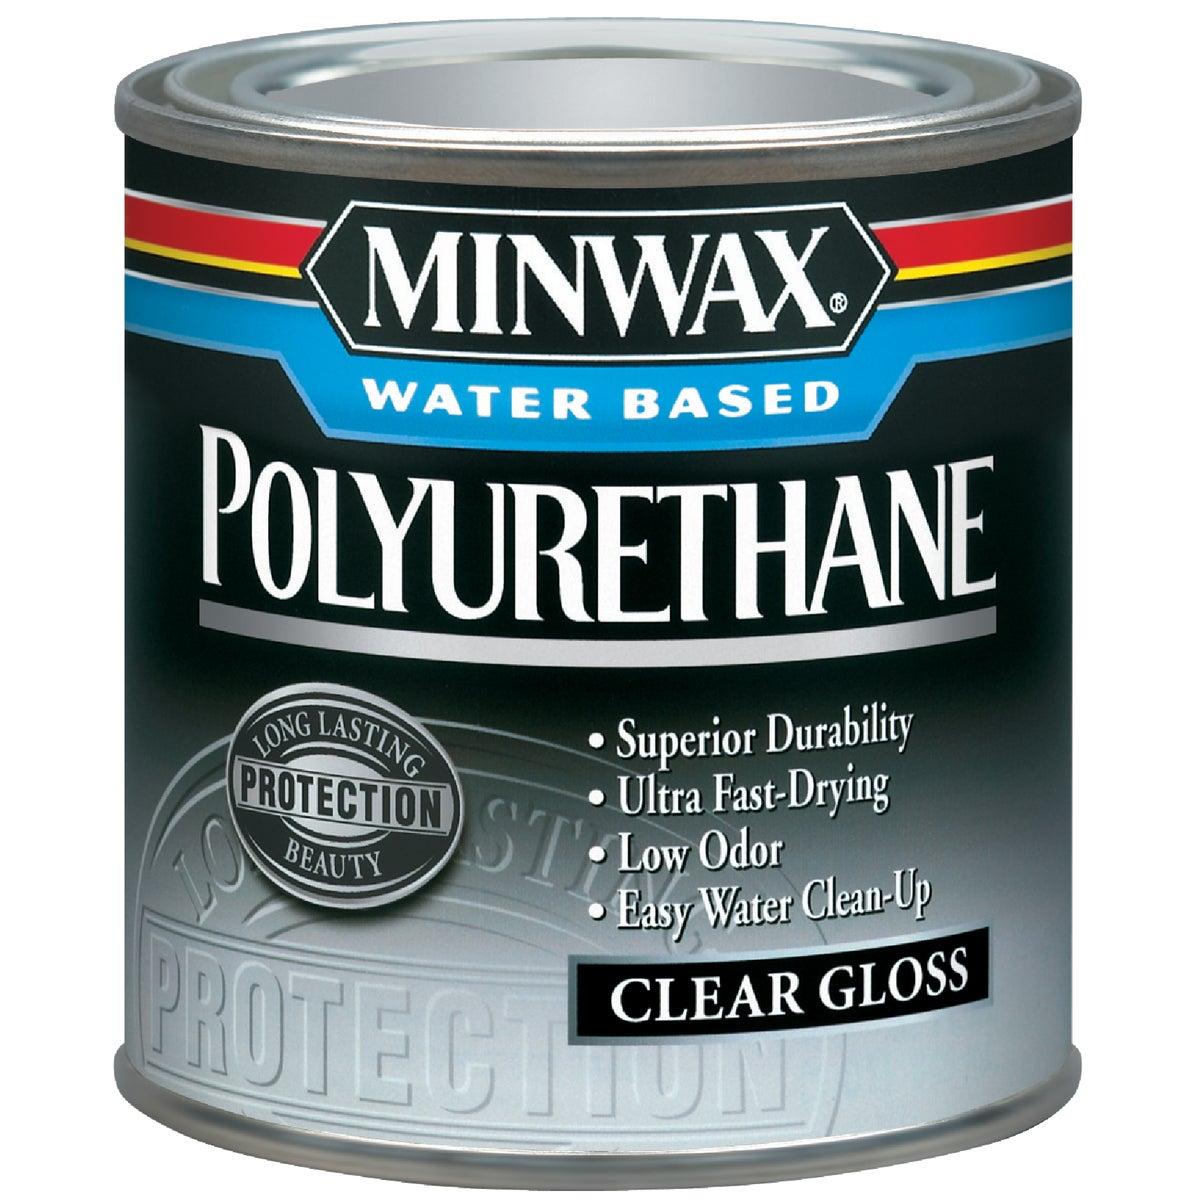 INT W/B GLS POLYURETHANE - 230154444 by Minwax Company